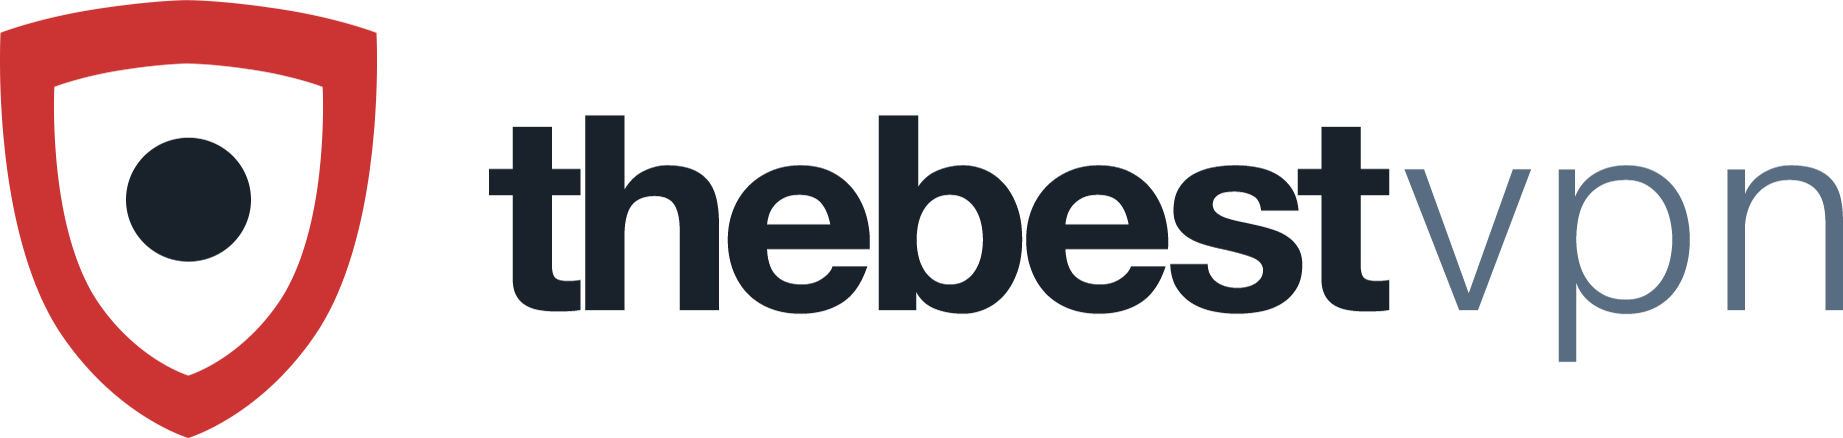 logo-full-dark